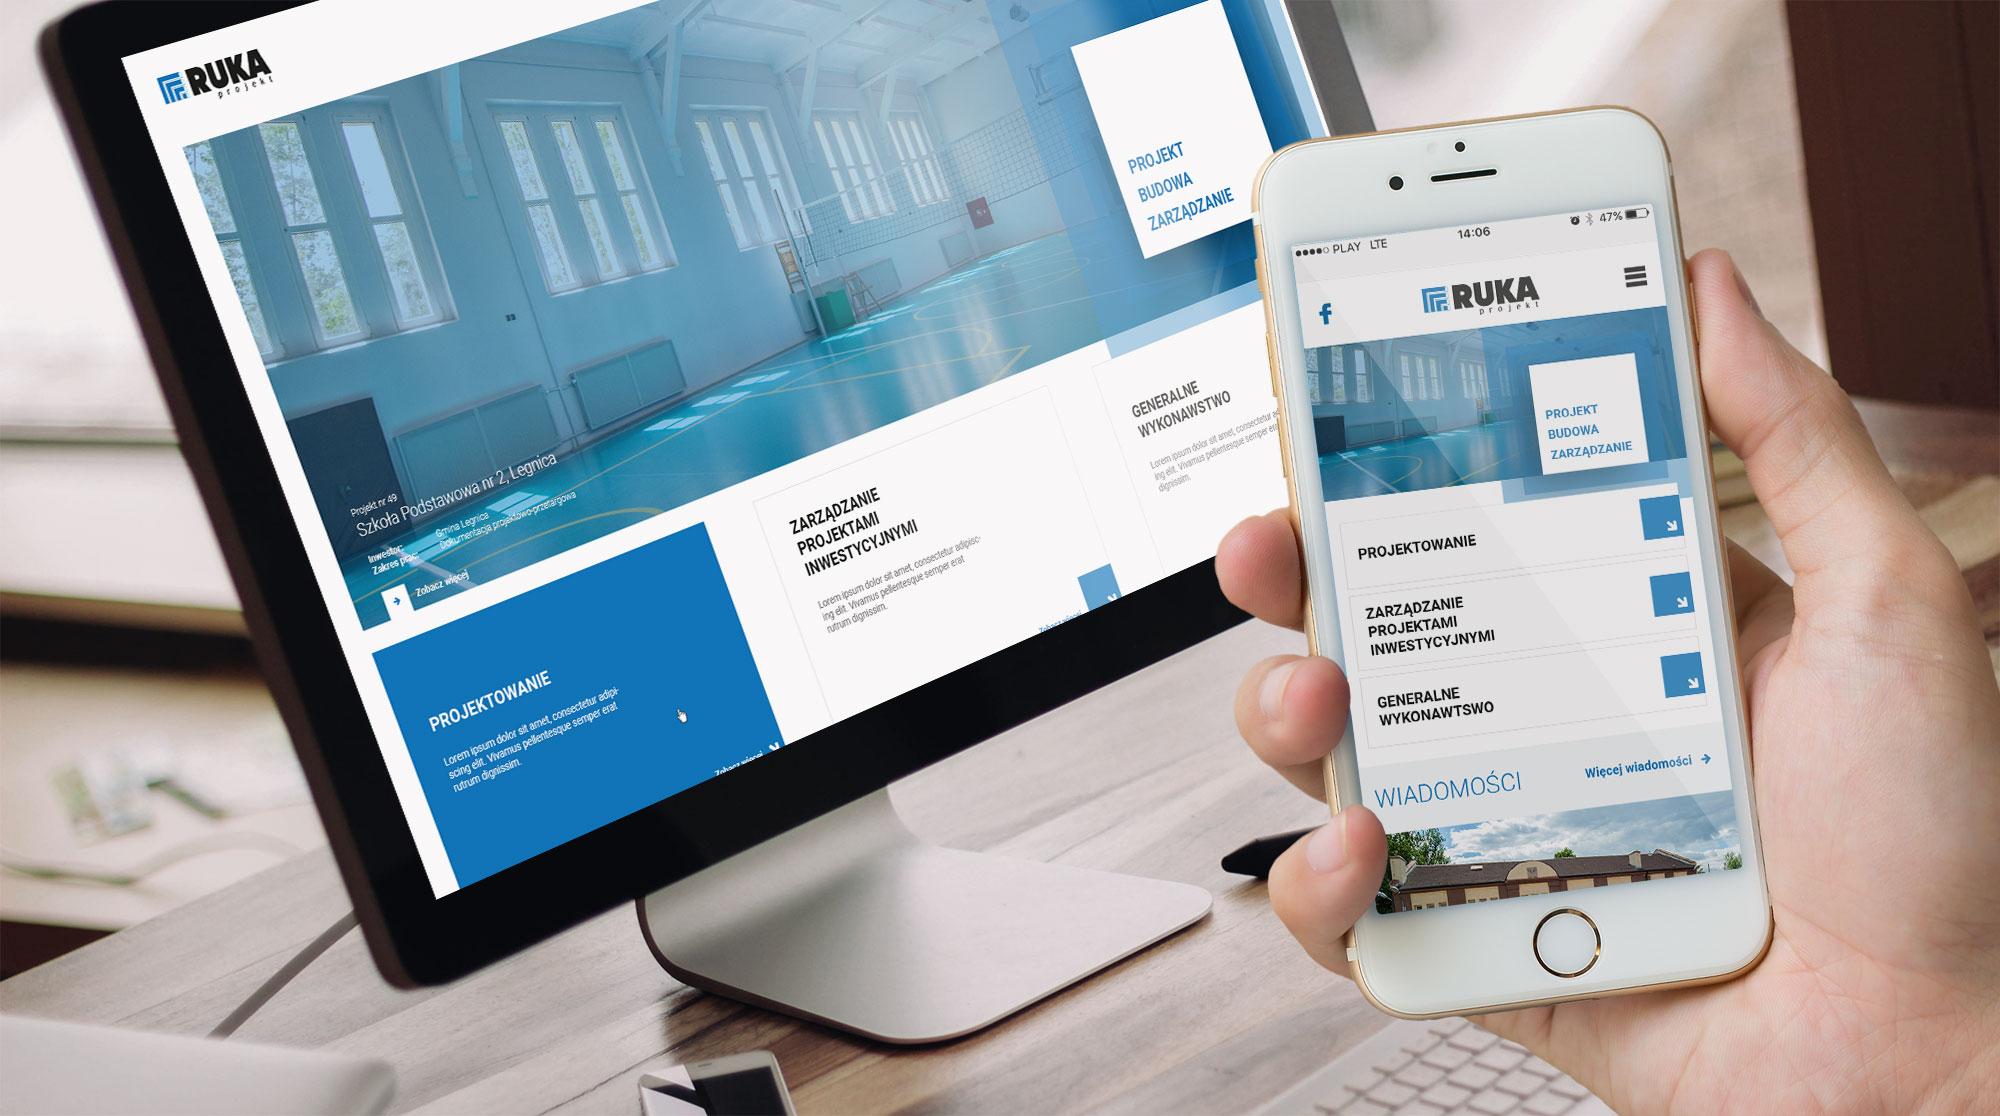 RUKA Projekt - usługi inżynierskie - projekt strony internetowej